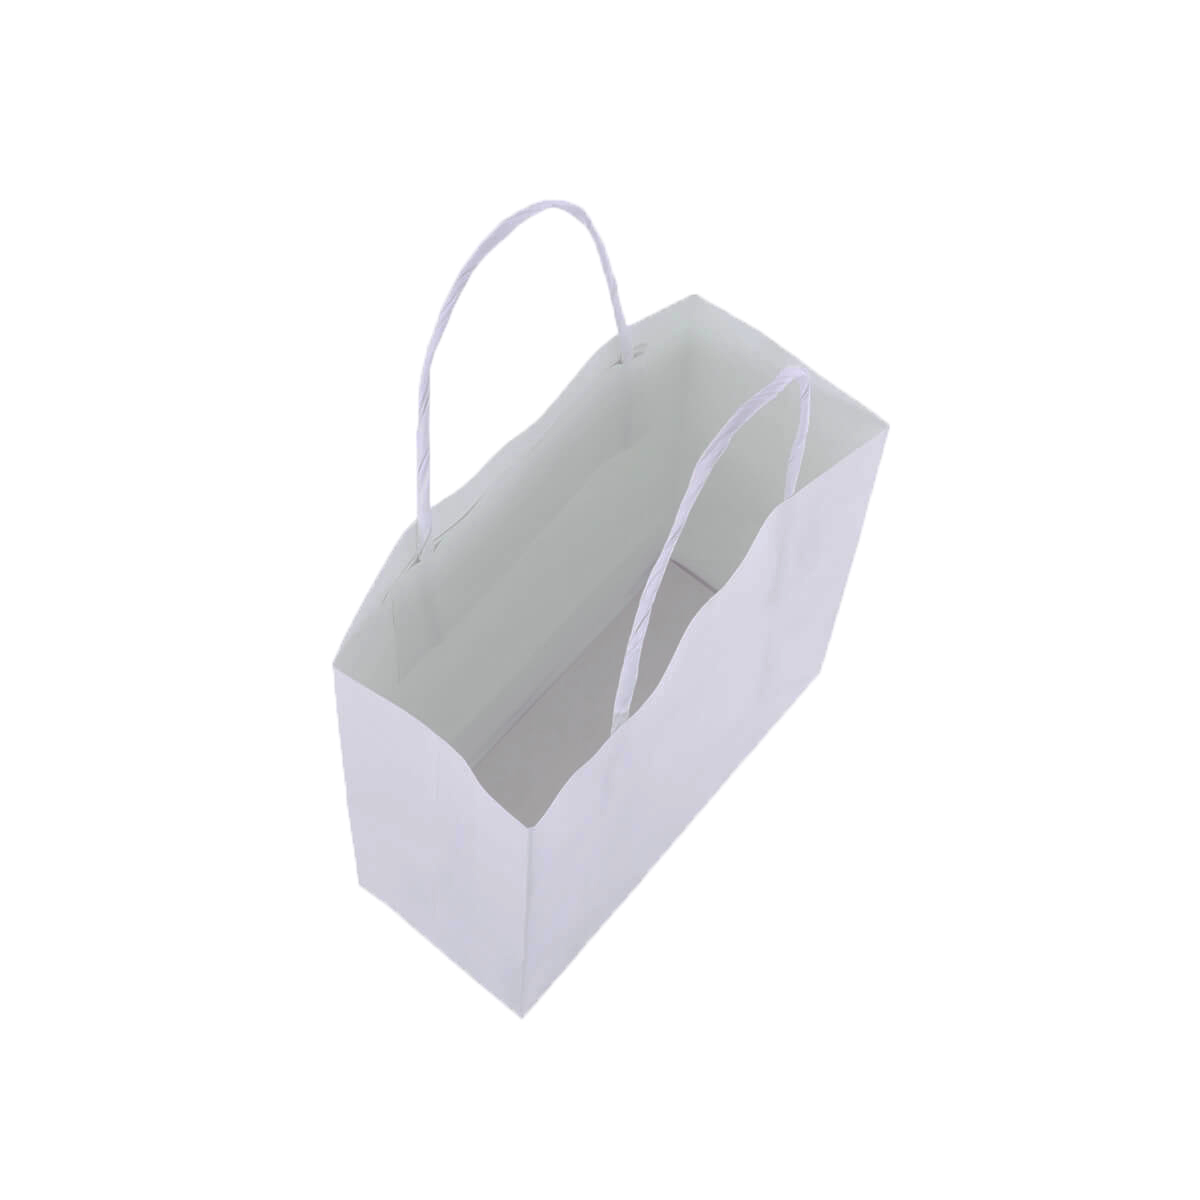 Sacola Branca Pequena 17x16x7 - 100 Unidades